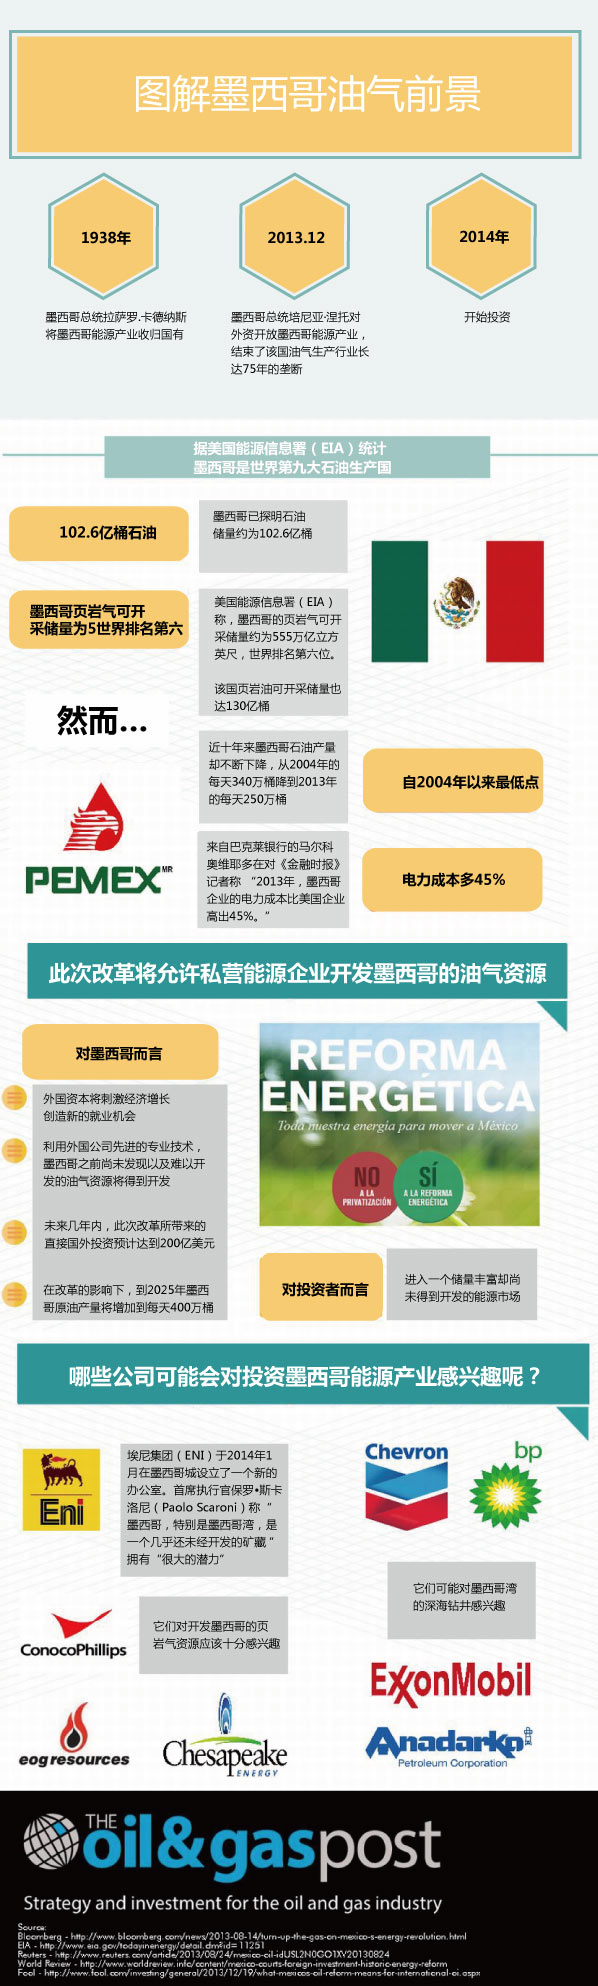 图解墨西哥能源前景